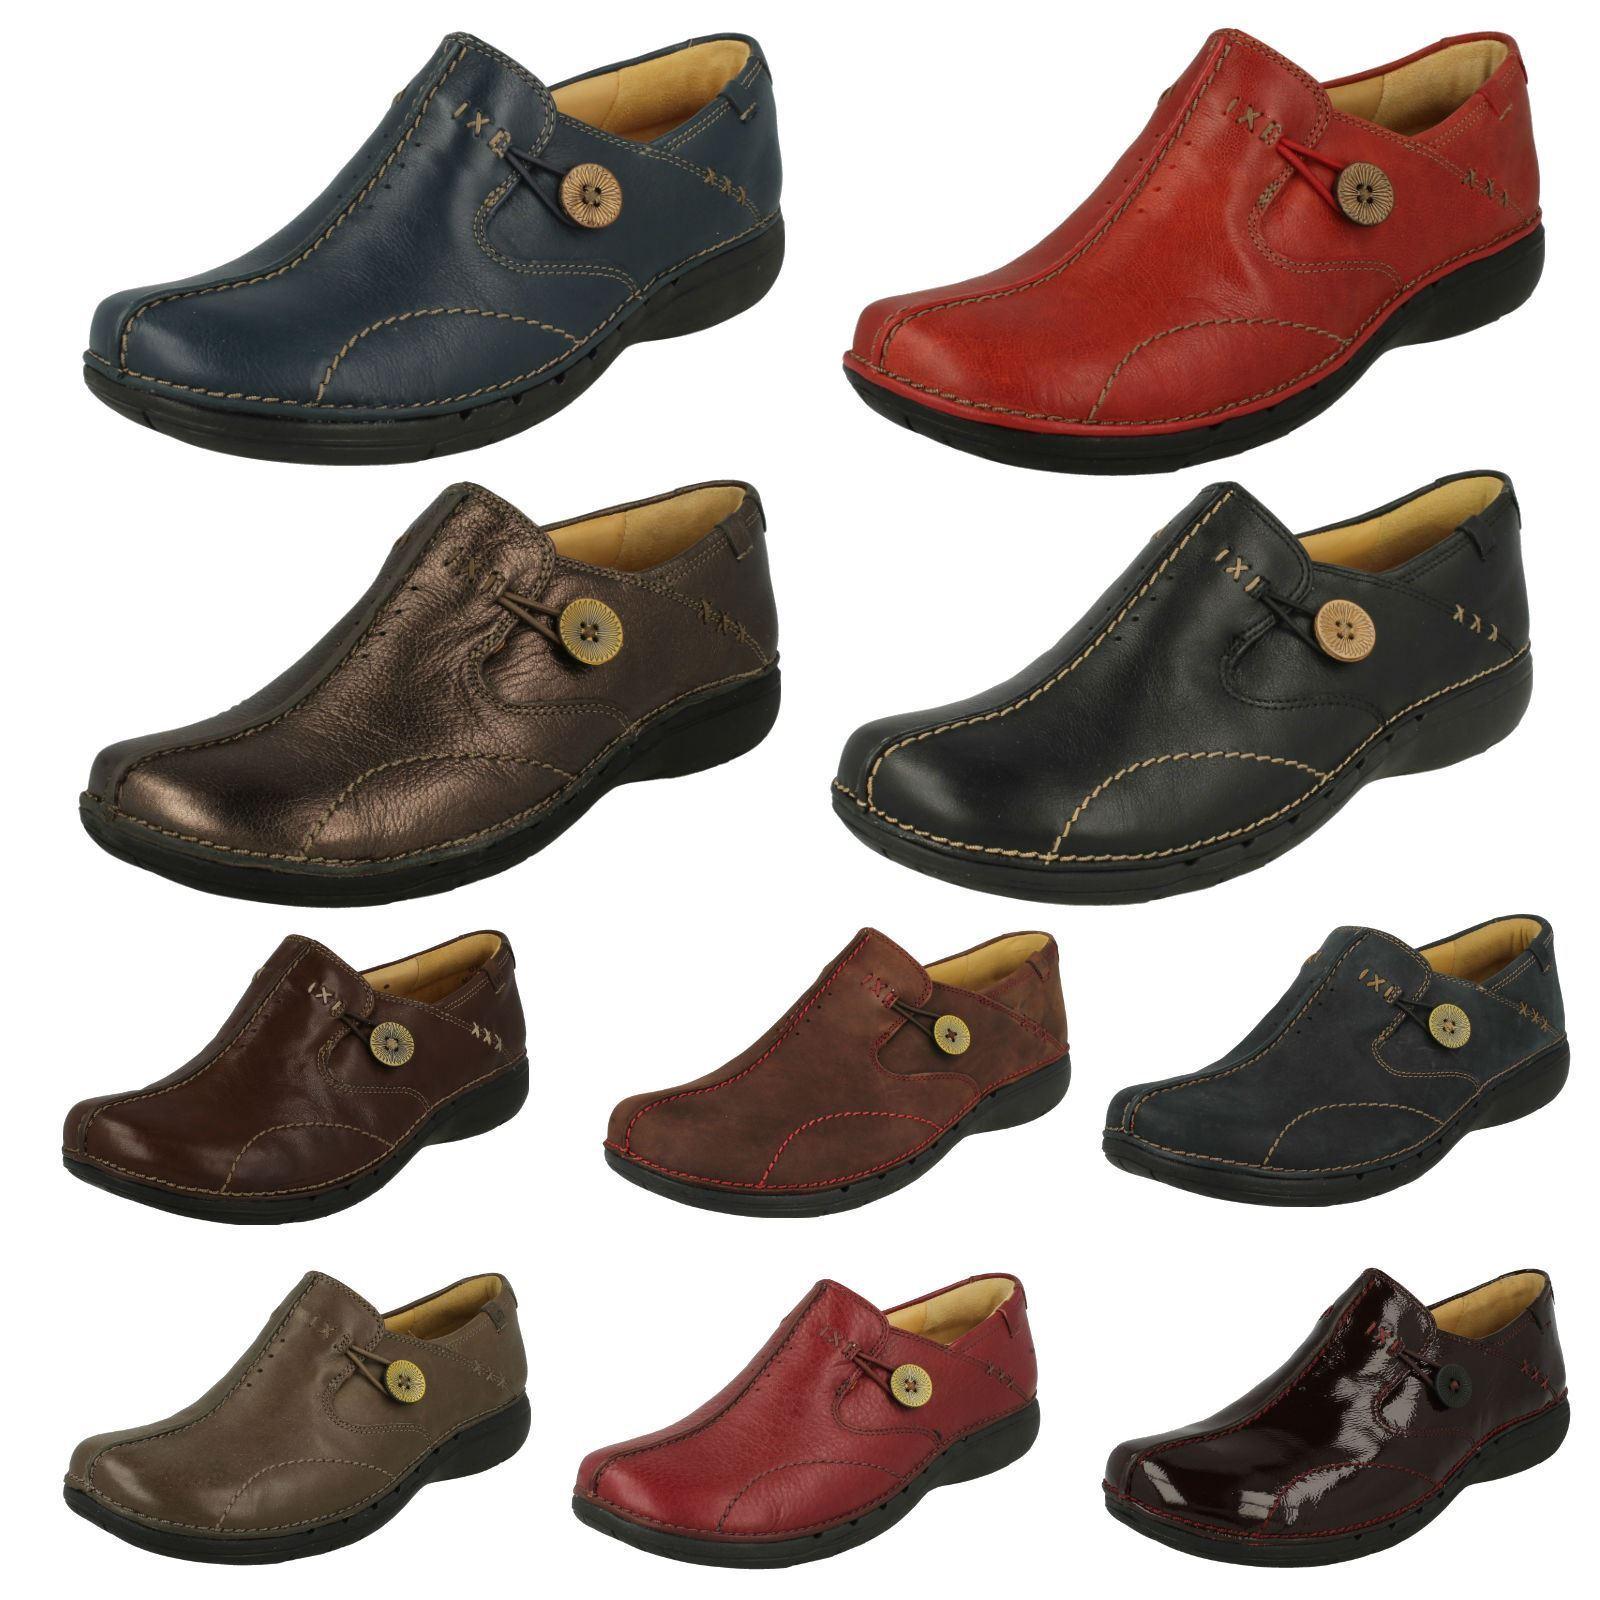 Para mujeres Zapatos Zapatos Zapatos Clarks un estructurado Slip On-Bucle de las Naciones Unidas  gran descuento